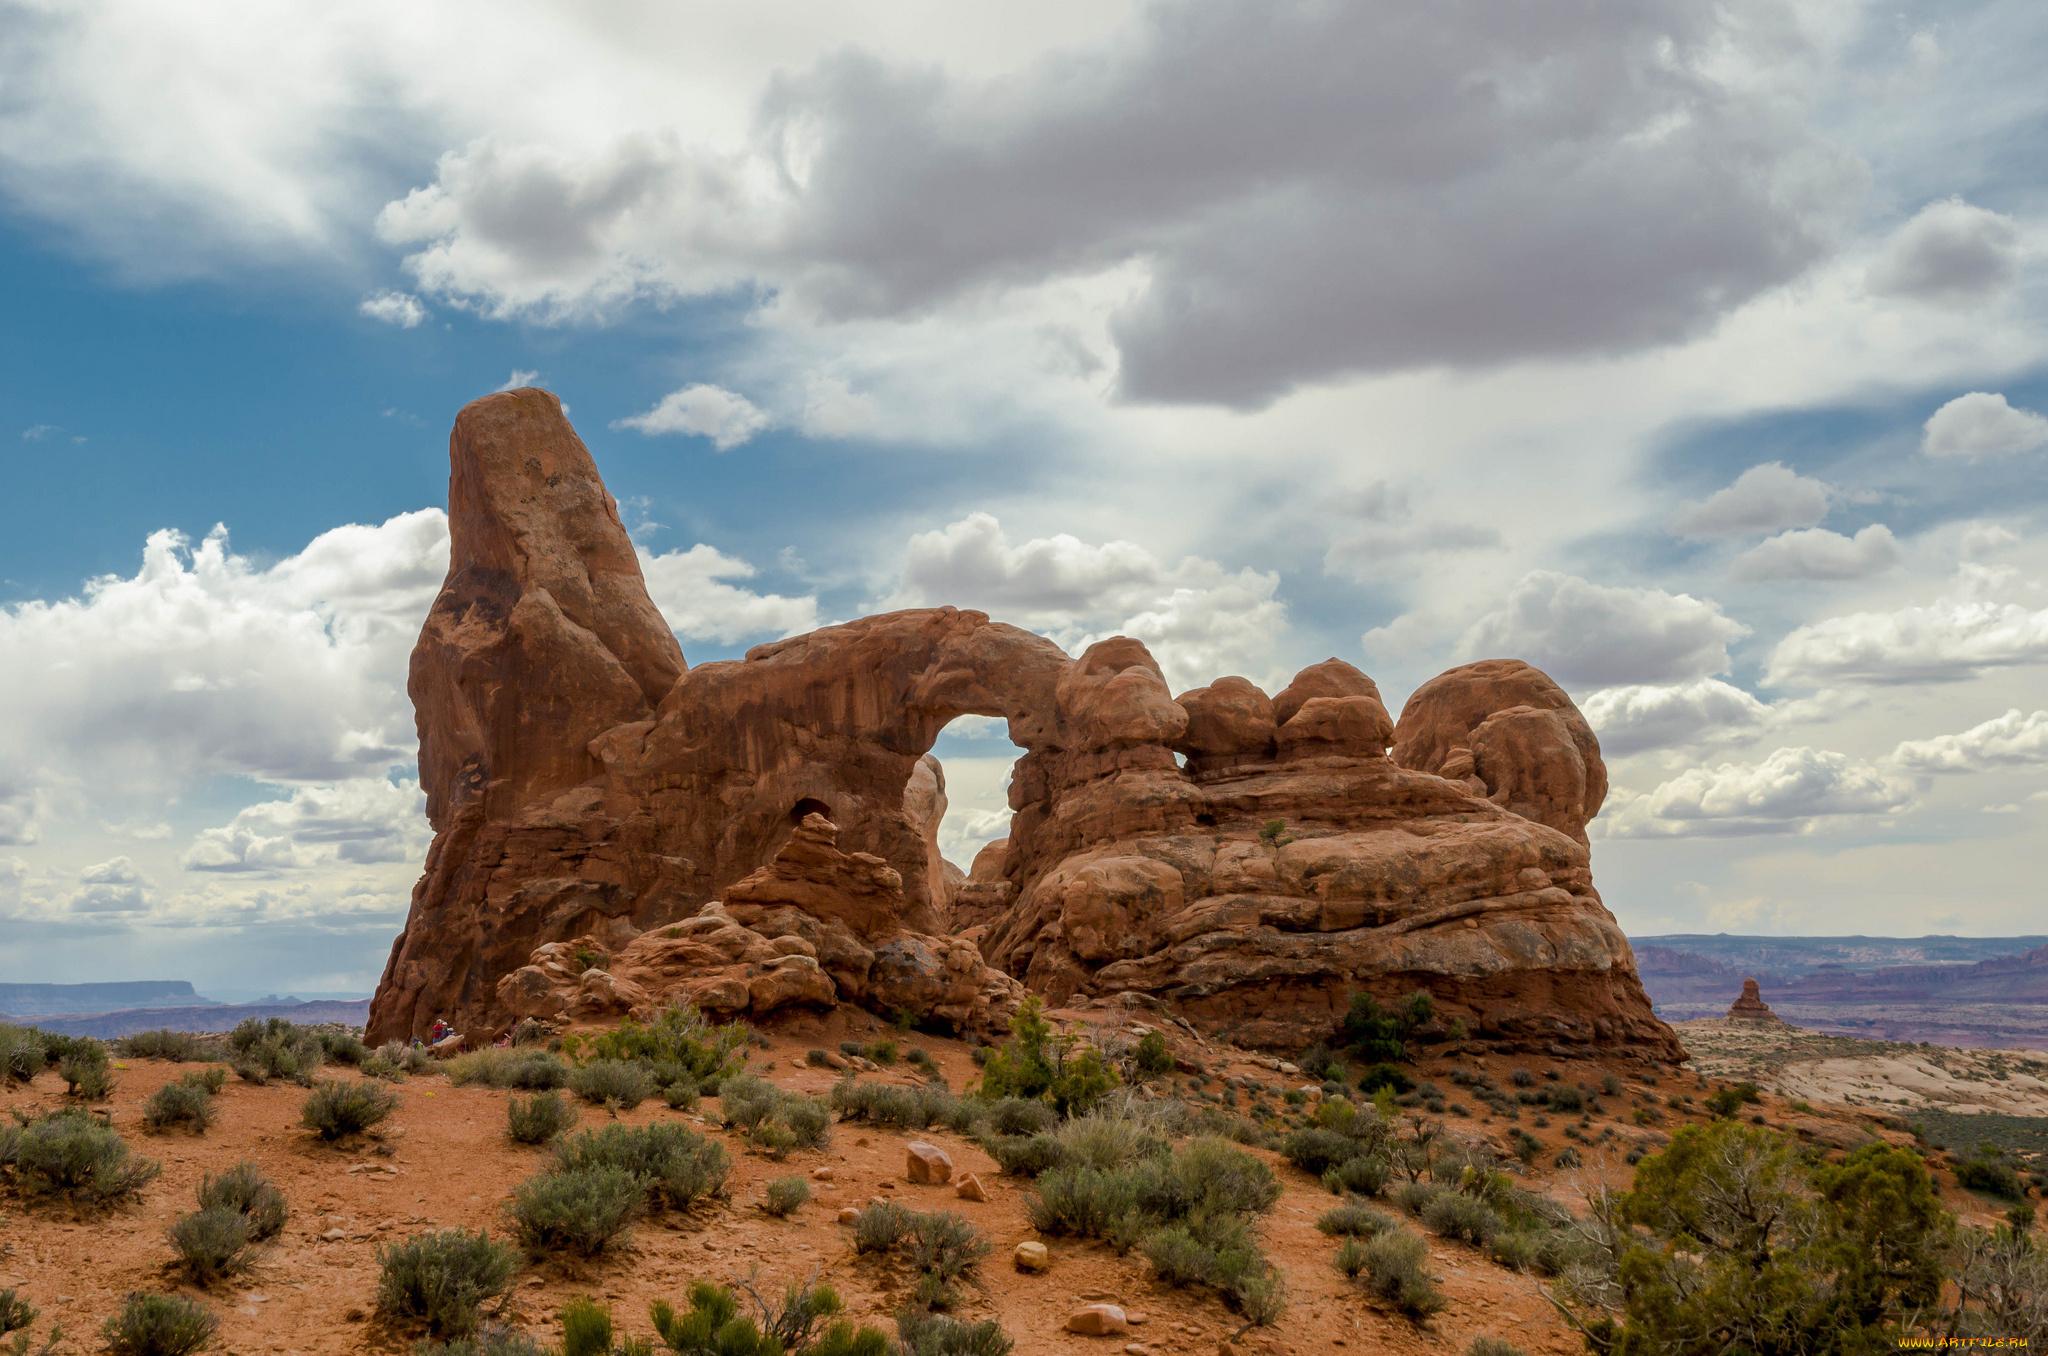 пустыня скалы растительность бесплатно